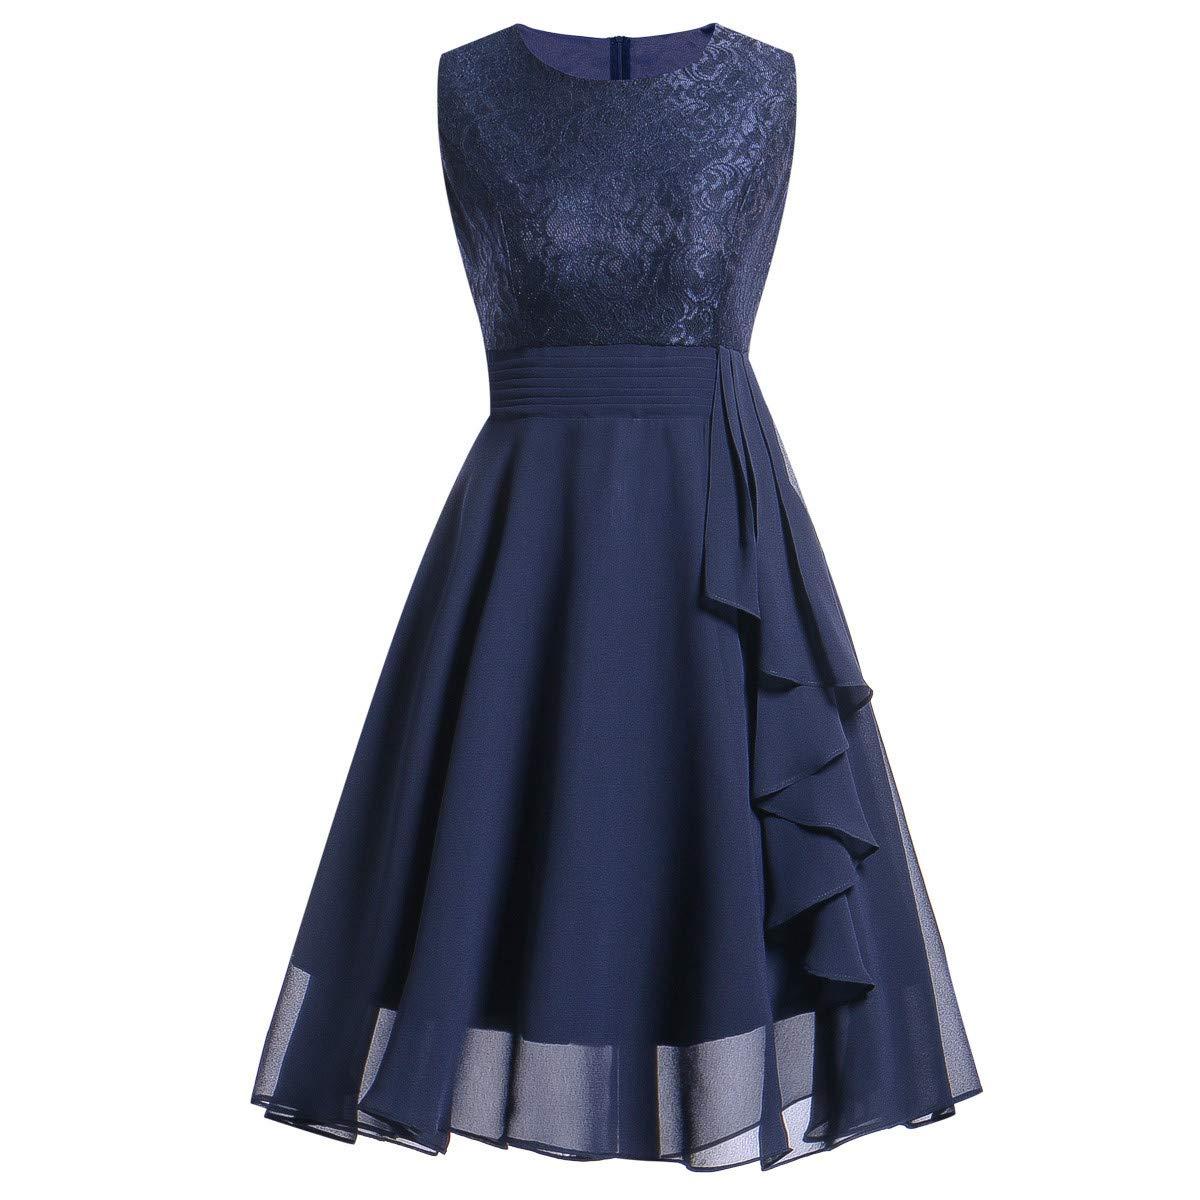 KEERADS Damen Festliches Kleid Knielang Elegant Vintage Ärmellos Cocktailkleid Abendkleid Sommerkleid Mit Spitzen